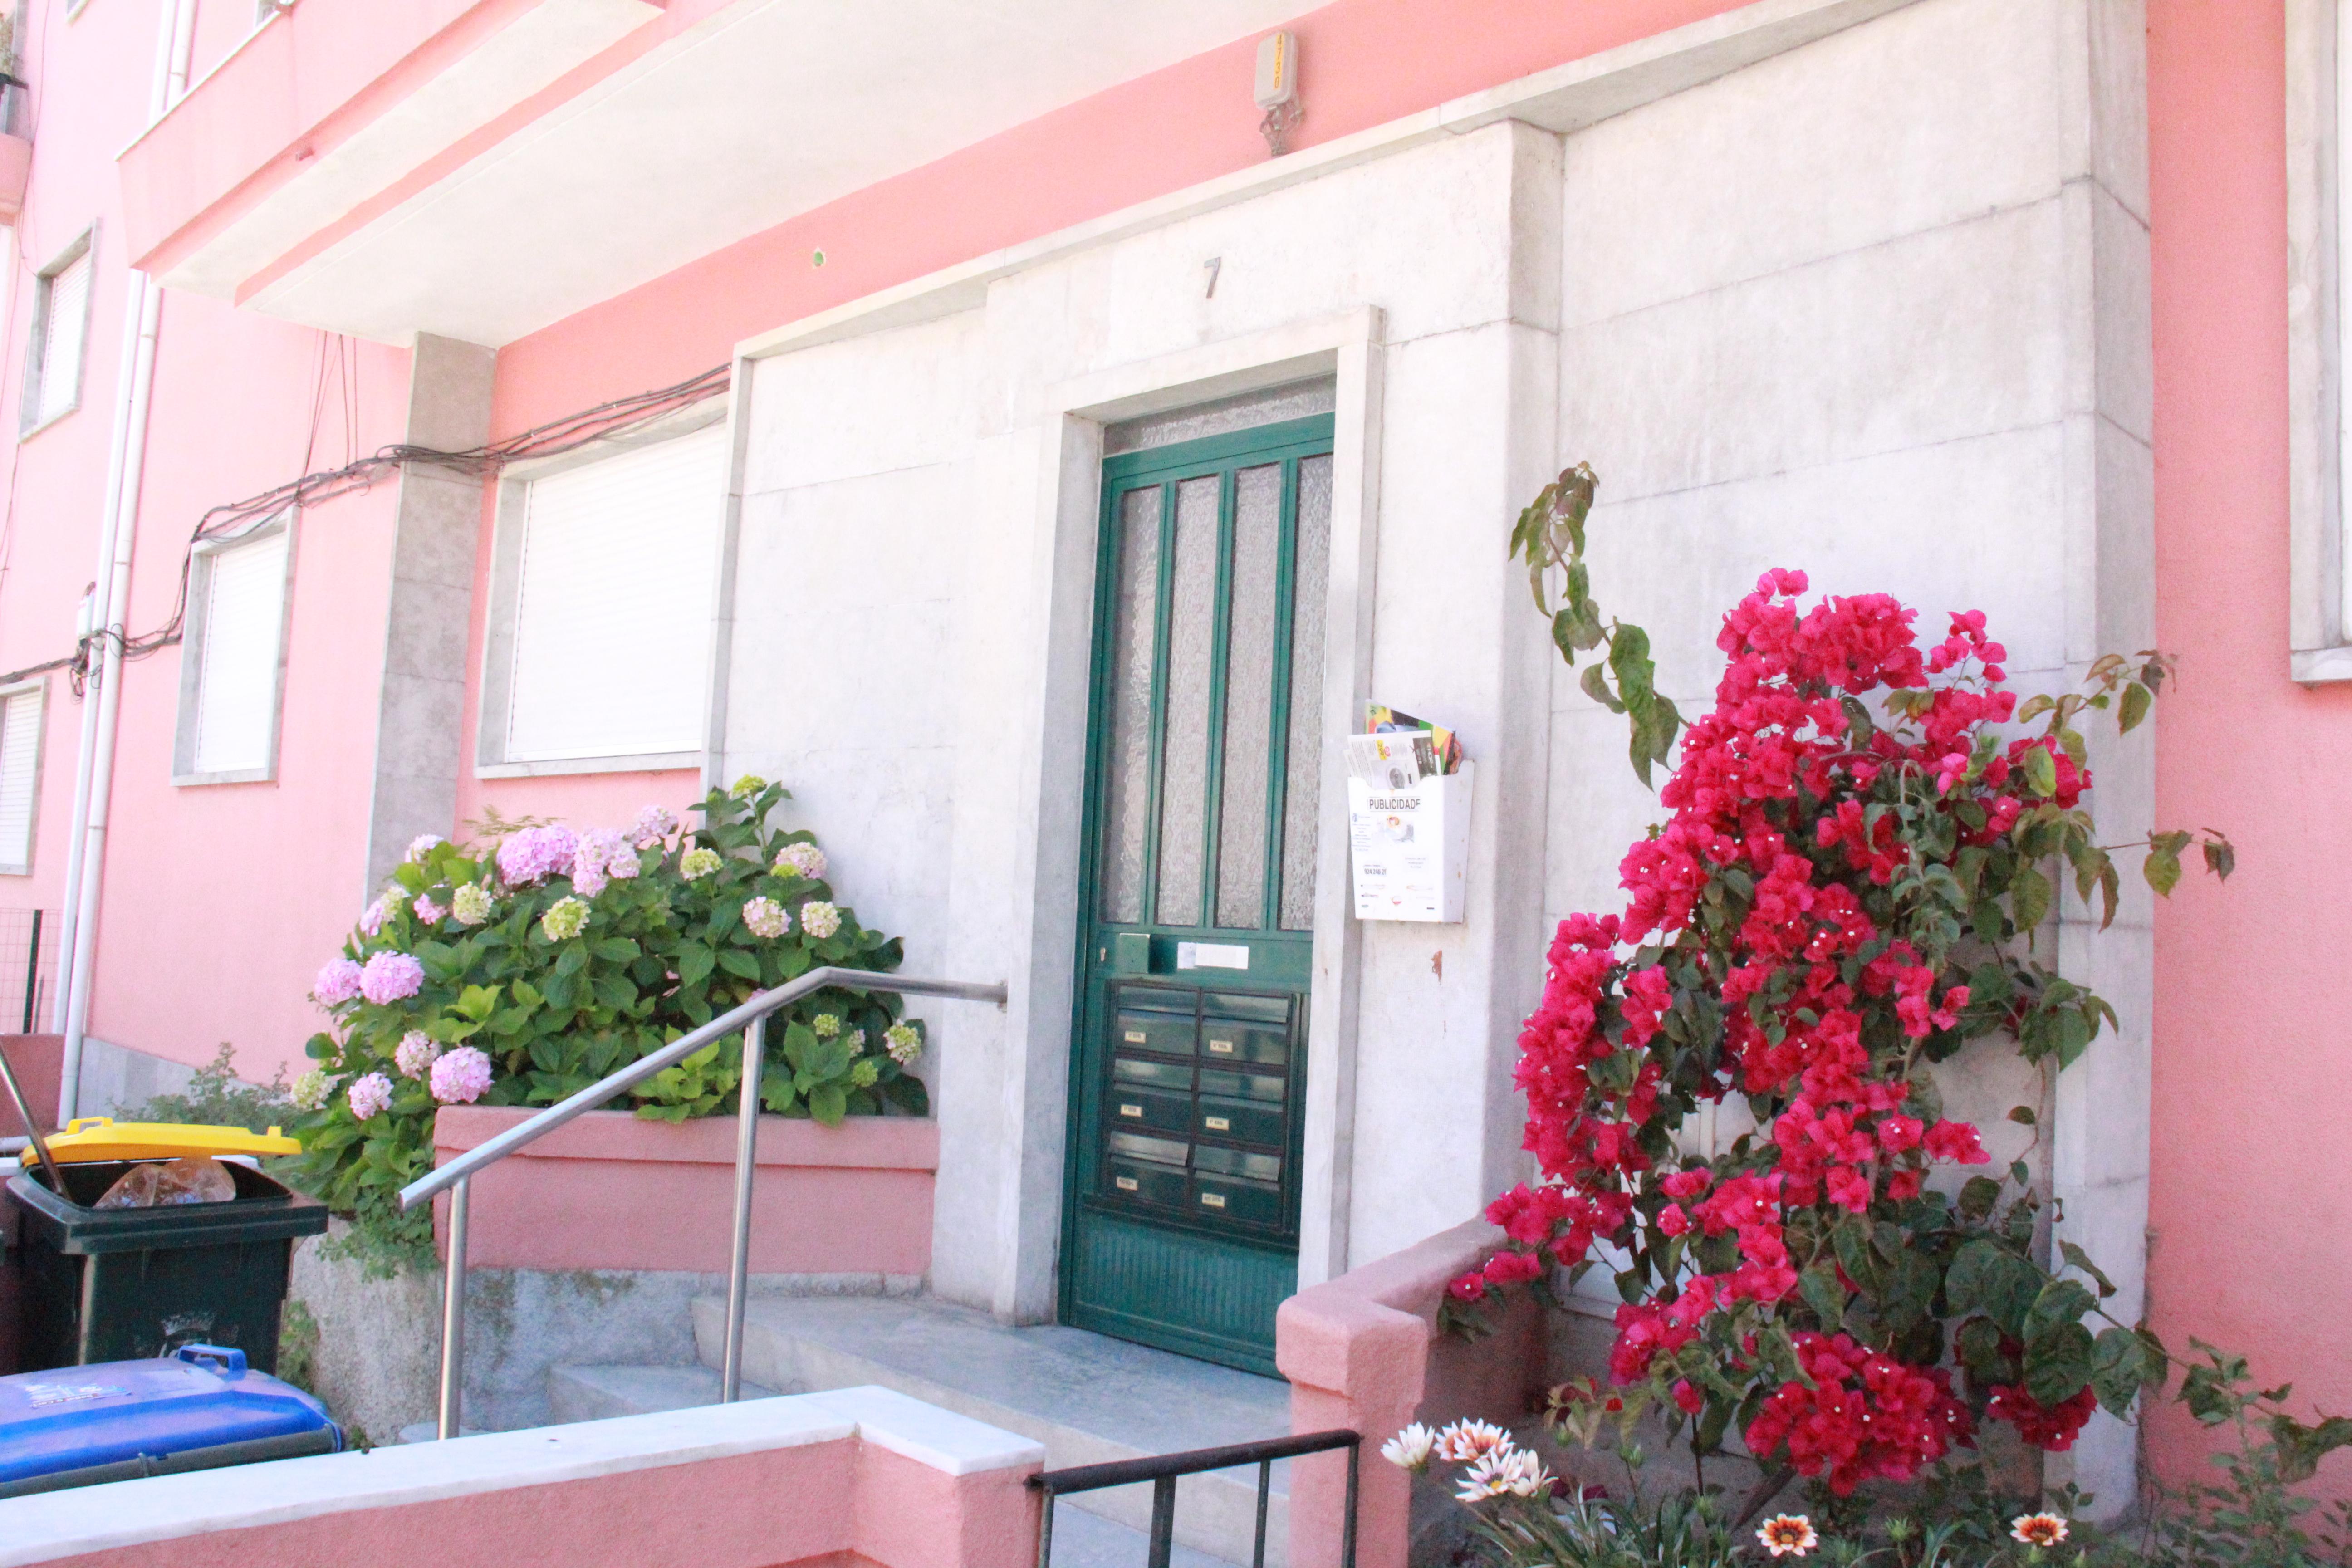 Rendas acessíveis: IHRU sorteia 35 casas em Lisboa